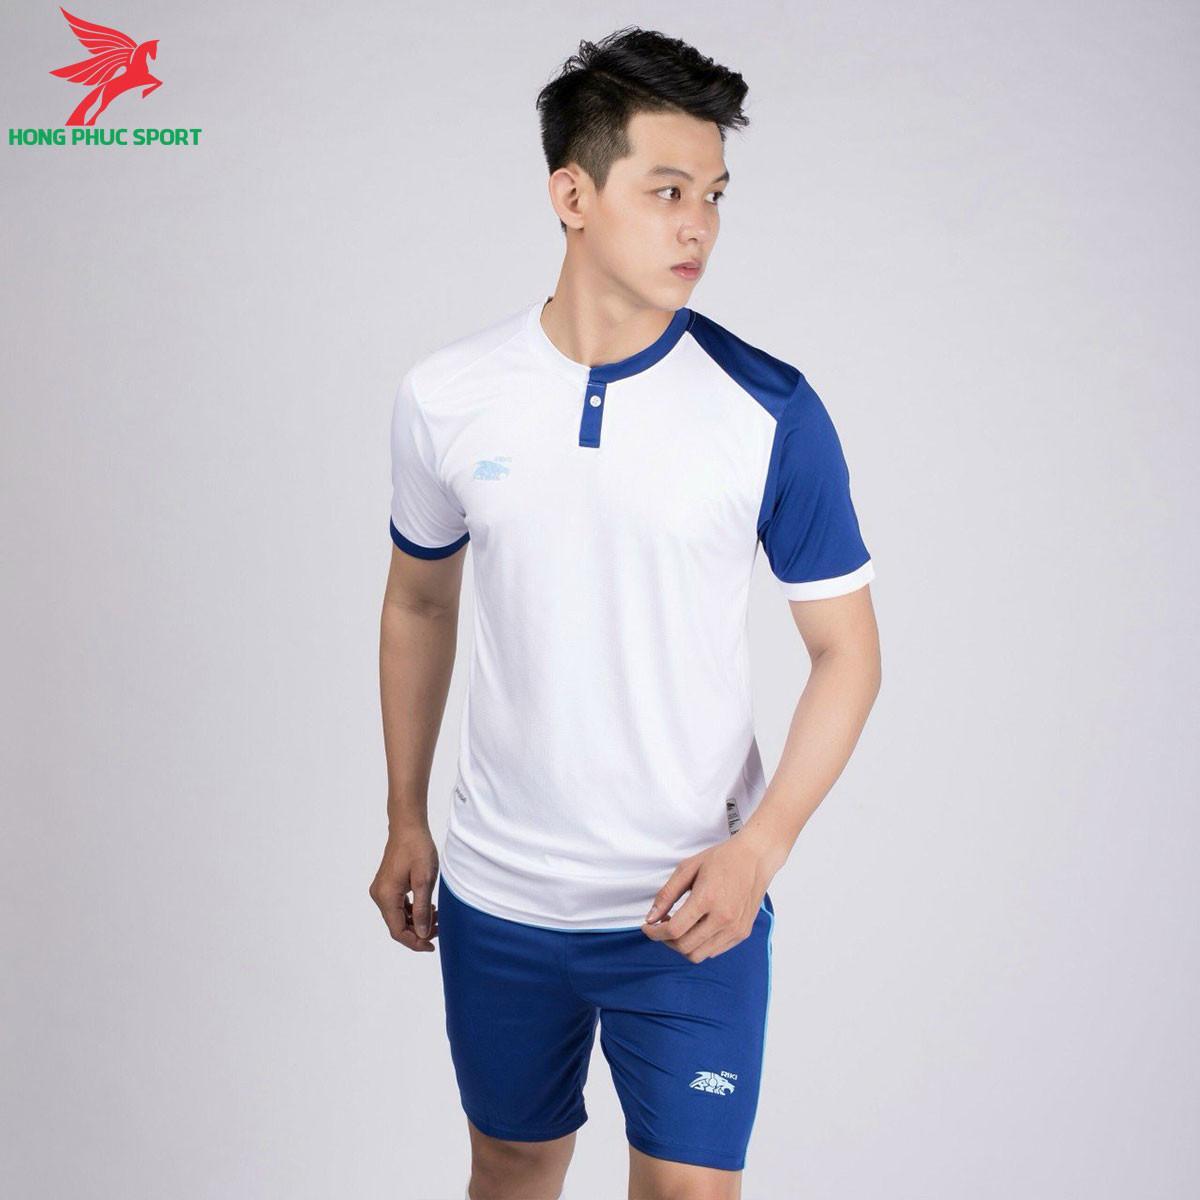 áo bóng đá không logo Riki Lostoran Trắng